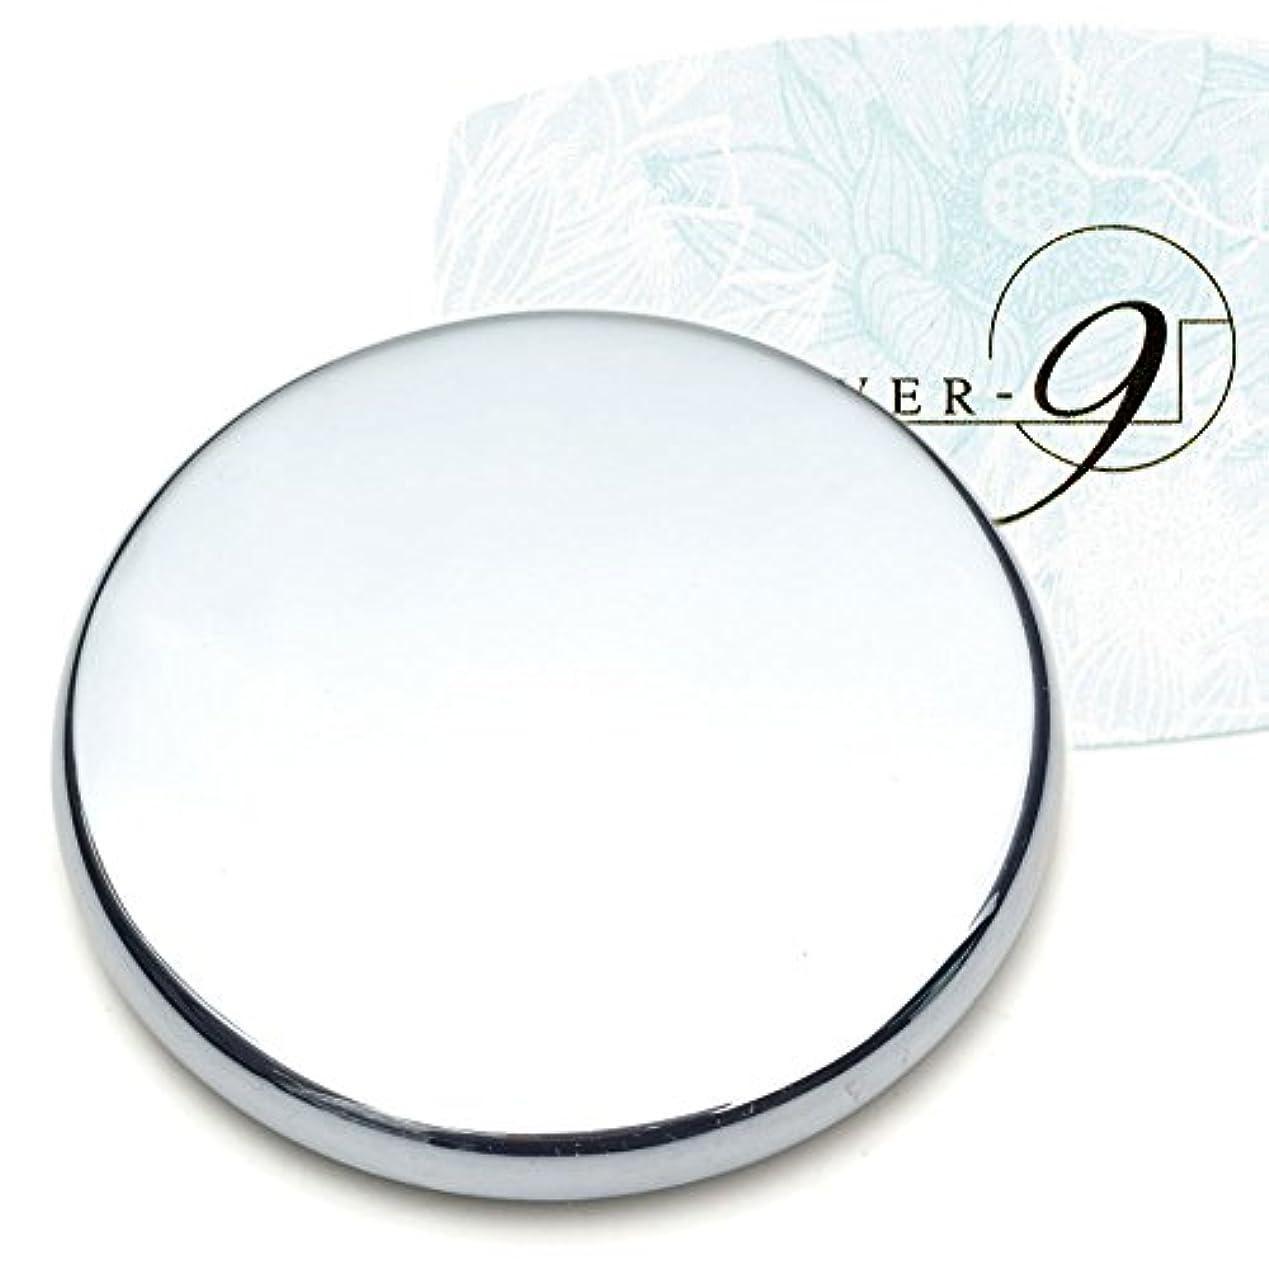 金銭的意味するゴミ[OVER-9®] テラヘルツ鉱石 エステ用 丸型 円盤 プレート 公的機関にて検査済み!パワーストーン 天然石 健康 美容 美顔 かっさ グッズ お風呂